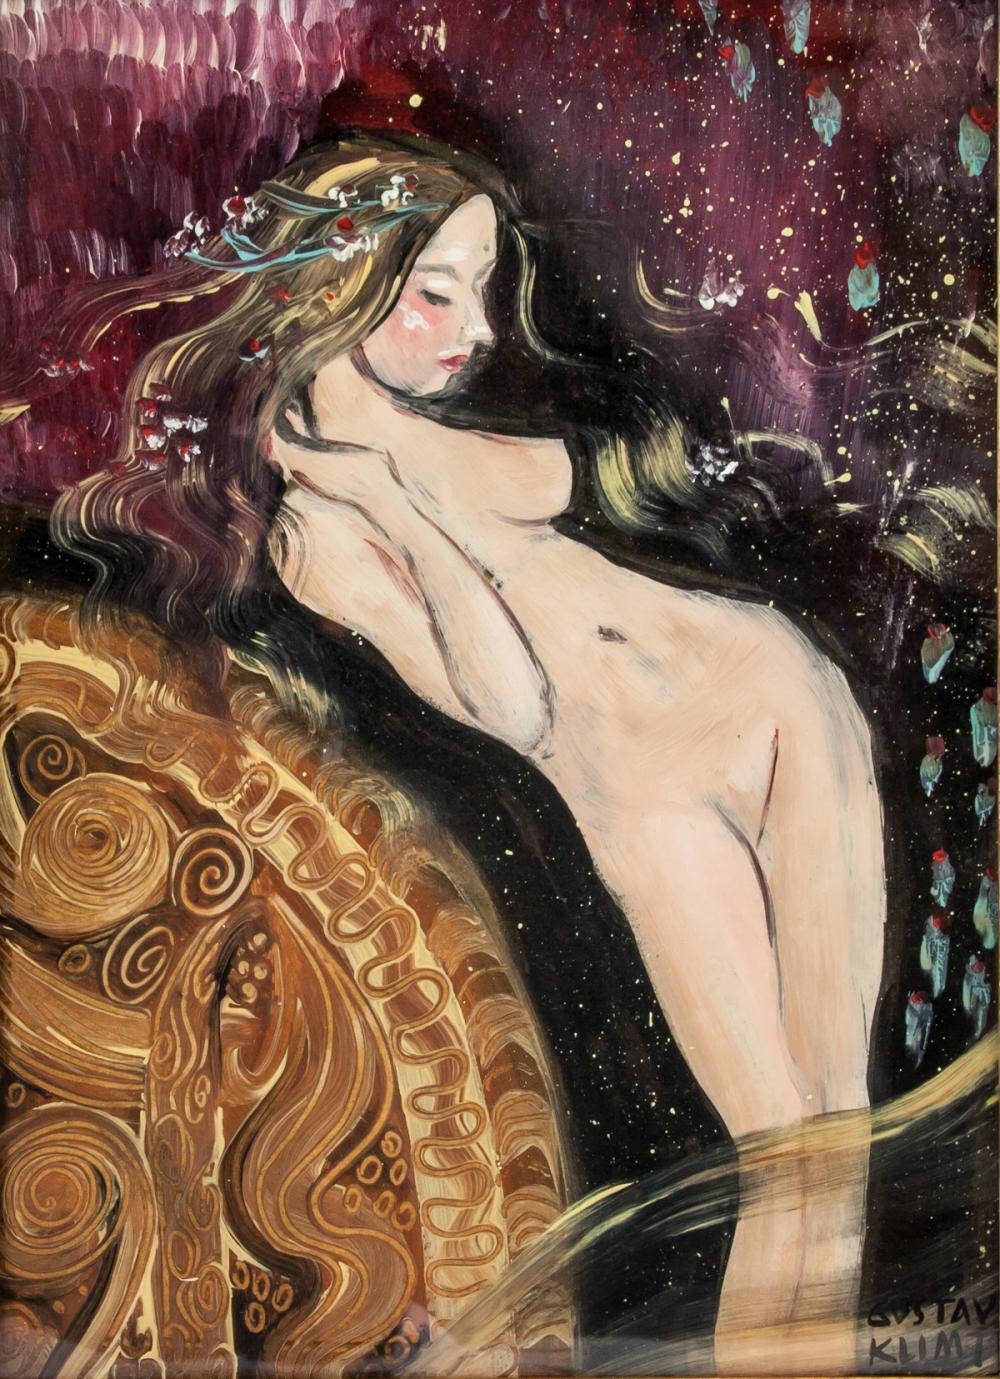 Rebecca romijn nude freeones